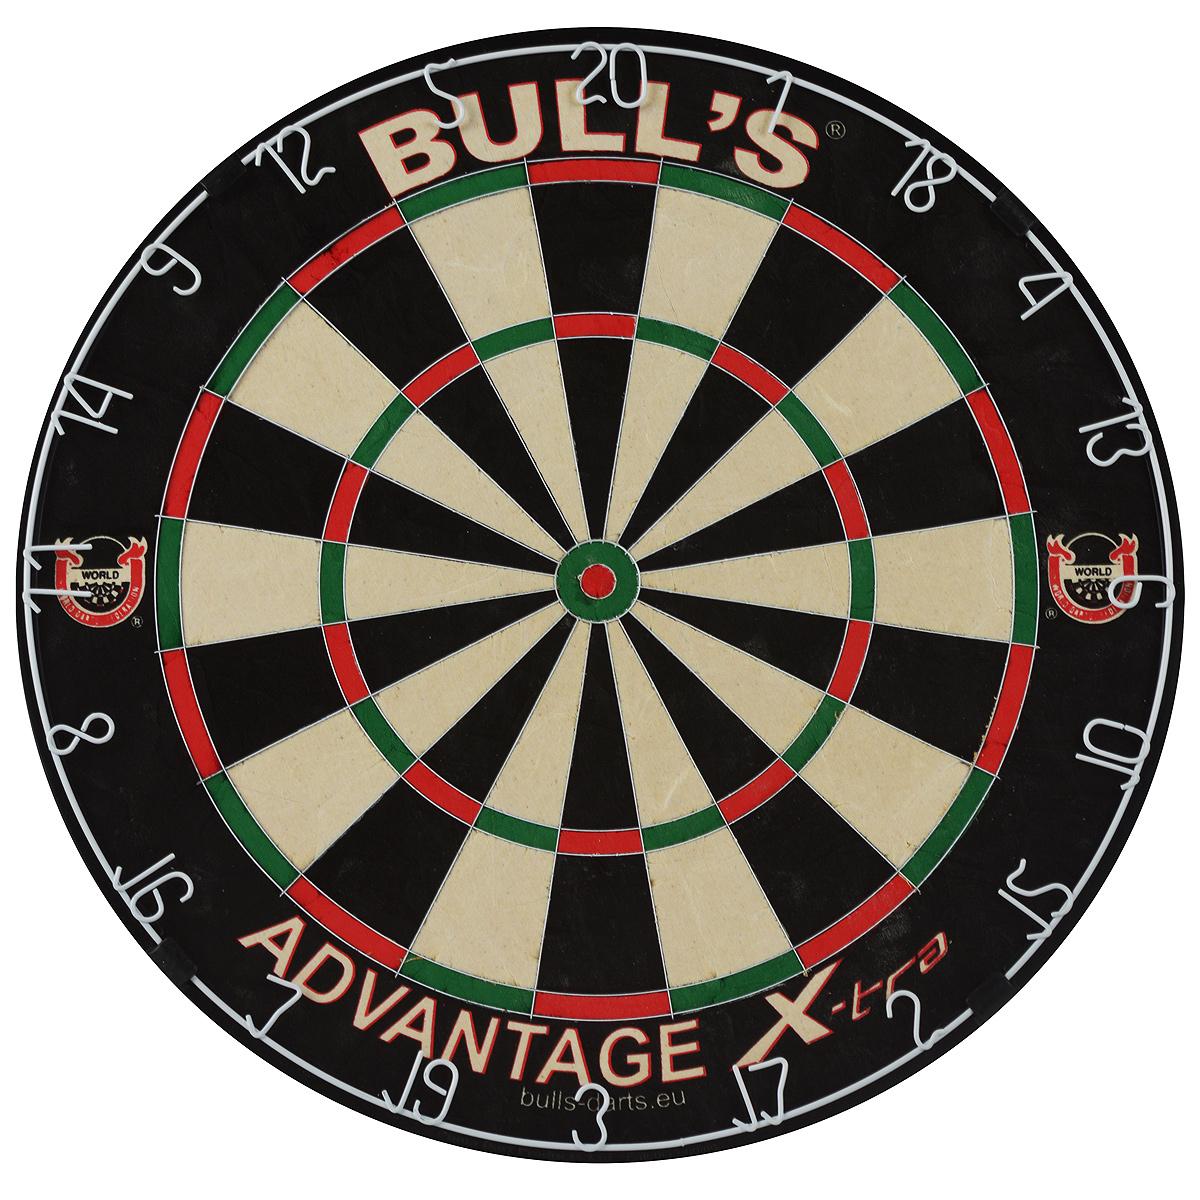 Мишень Bulls Advantage Xtra Bristle BoardKBO-1014Мишень Bulls Advantage Xtra Bristle Board - официальная мишень Всемирной Федерации Дартс (WDF), мишень Кубка Мира по дартс 1999-2011. Имеет классическую турнирную форму и размеры. Изготовлена из силумина, сизаля, пластика и МДФ. Ультратонкие стальные разделительные пластины врезаны в поверхность мишени. Мишень оснащена металлическим кольцом, покрытым белой краской. Увеличенное секторное поле, особенно в зонах удвоения очков.Мишень не имеет крепежных скобок. В комплекте - специальные крепежные элементы для подвешивания к стене.Возврат товара возможен только при наличии заключения сервисного центра. Время работы сервисного центра:Пн-чт: 10.00-18.00 Пт: 10.00- 17.00 Сб, Вс: выходные дни Адрес: ООО ГАТО, 121471, г.Москва, ул. Петра Алексеева, д 12., тел. (495)232-4670, gato@gato.ru